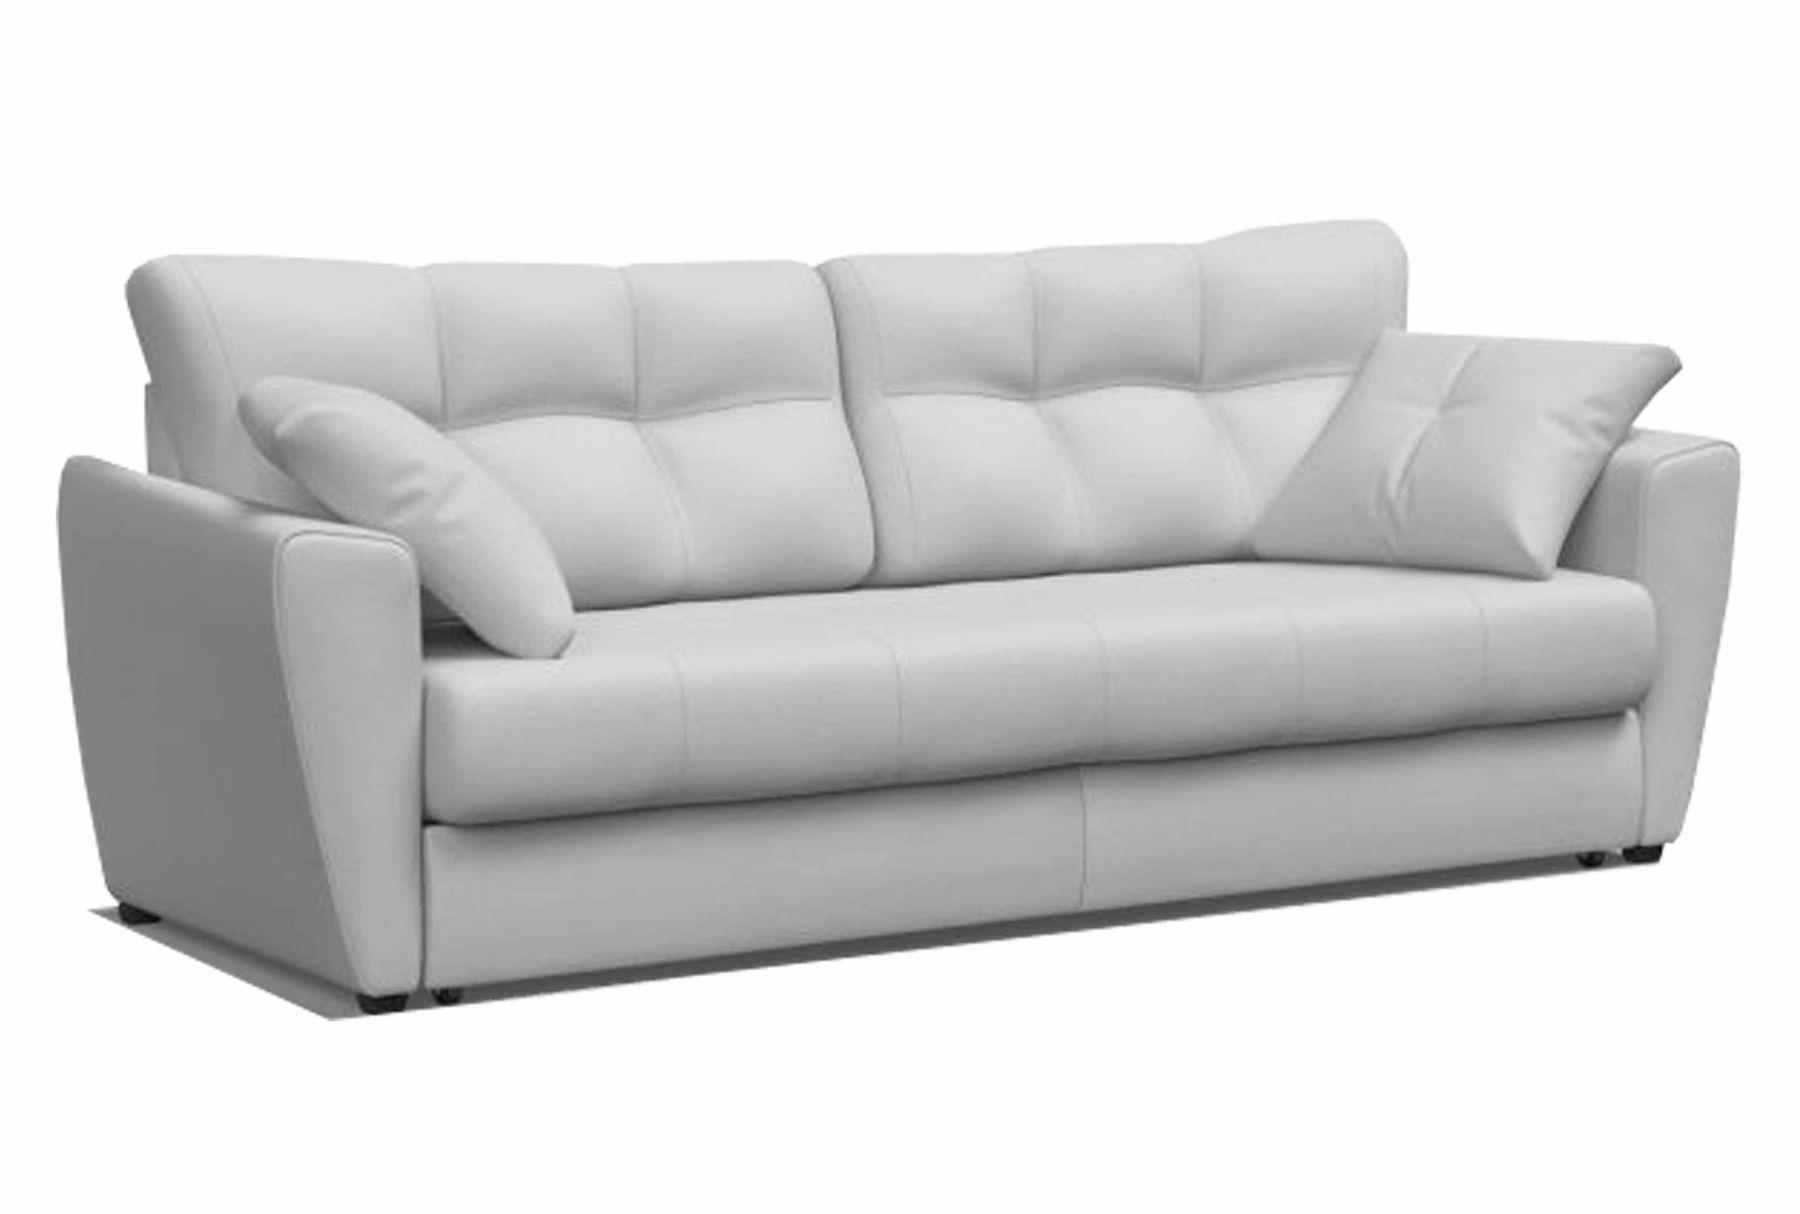 Белый диван фото с доставкой